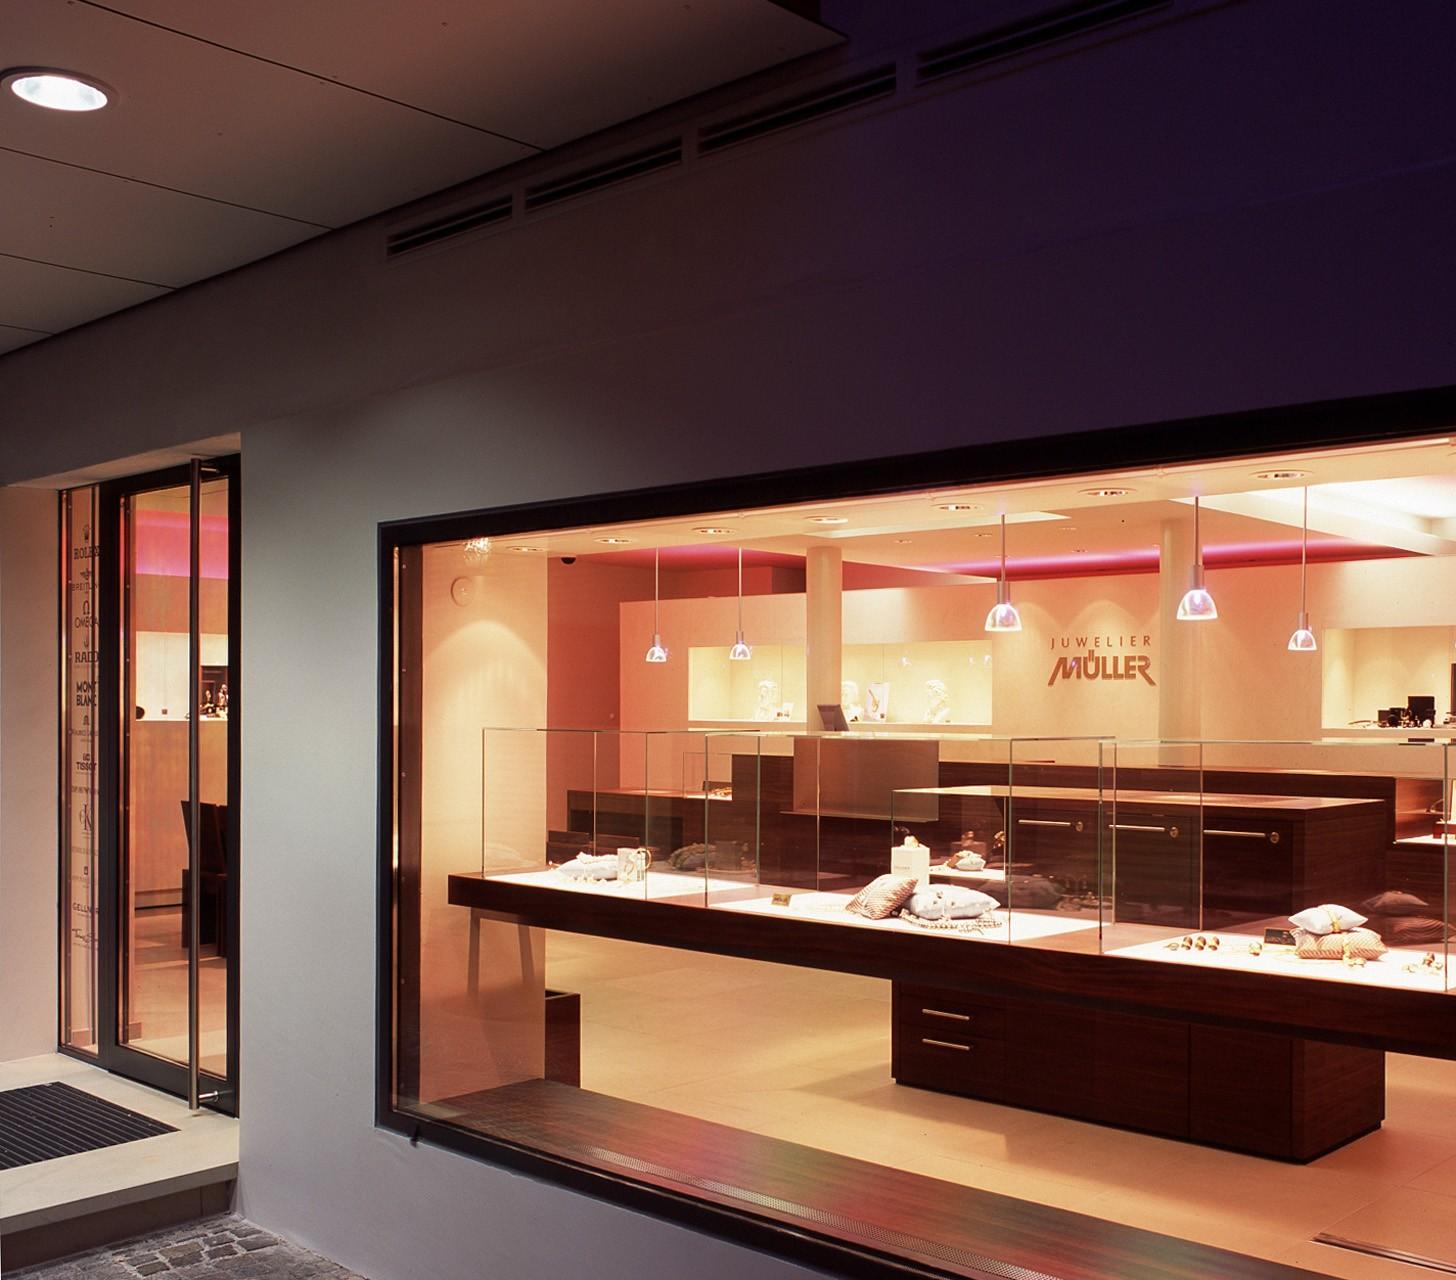 architektur-plus-raum-juwelier-mueller-10_Katego-header-1